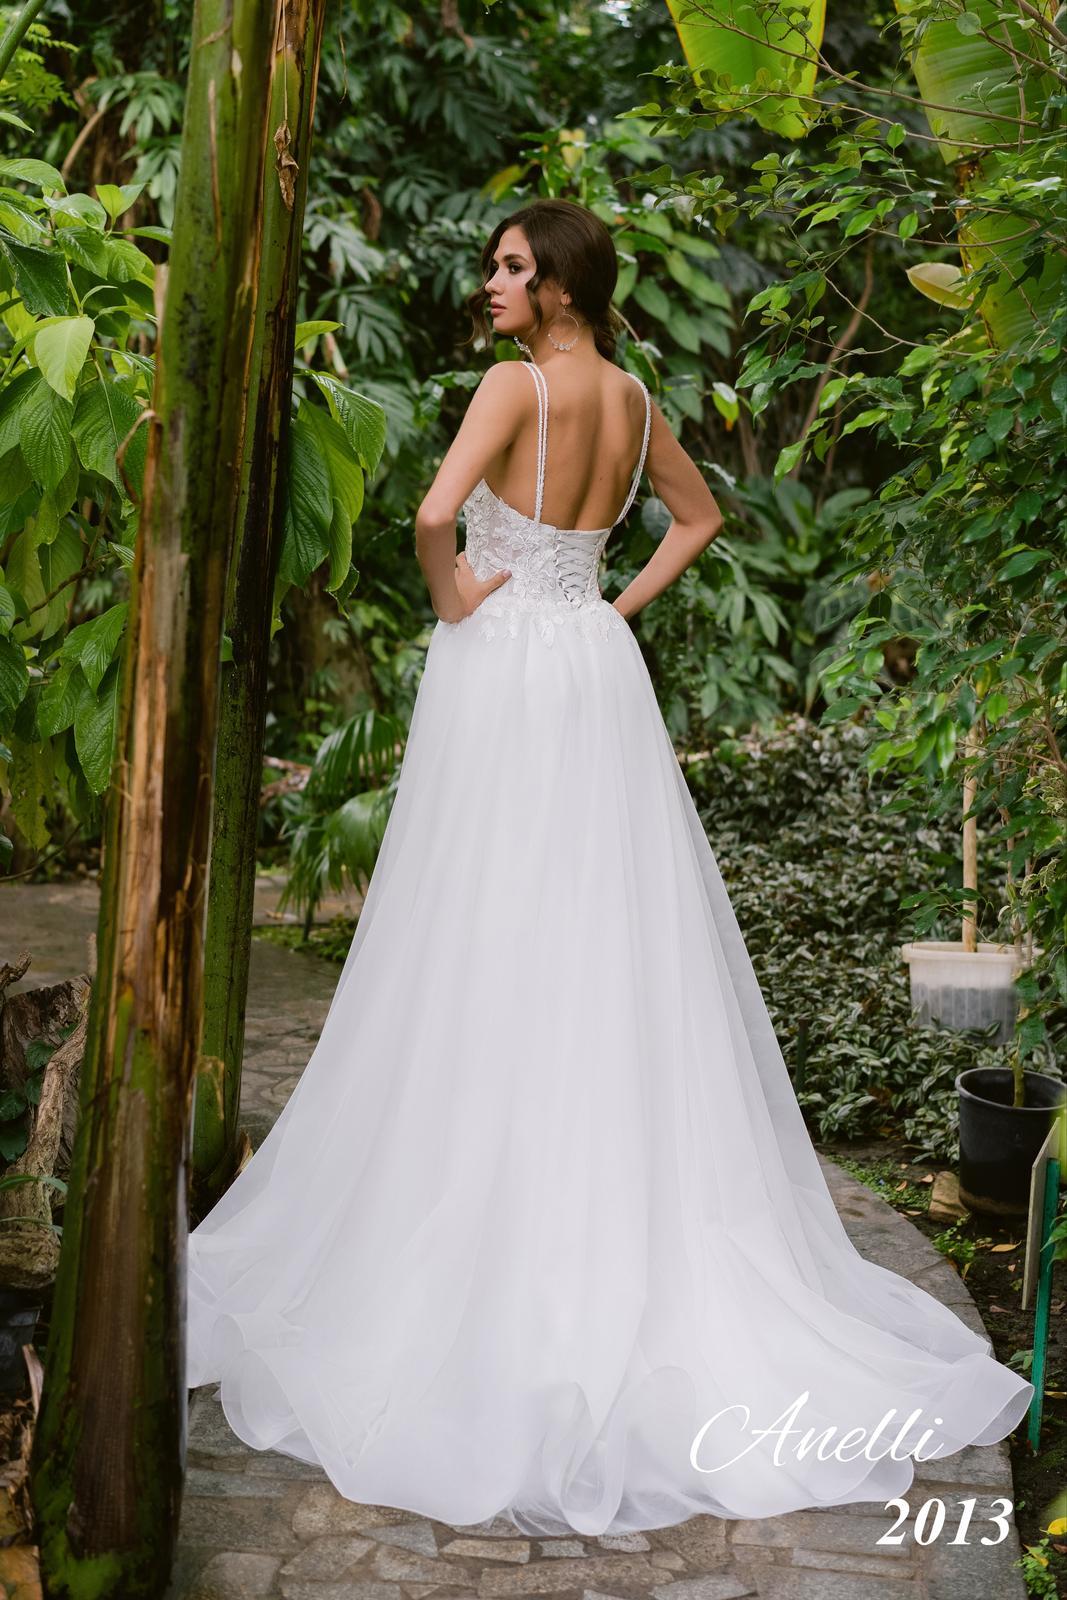 Svadobné šaty - Breeze 2013 - Obrázok č. 3